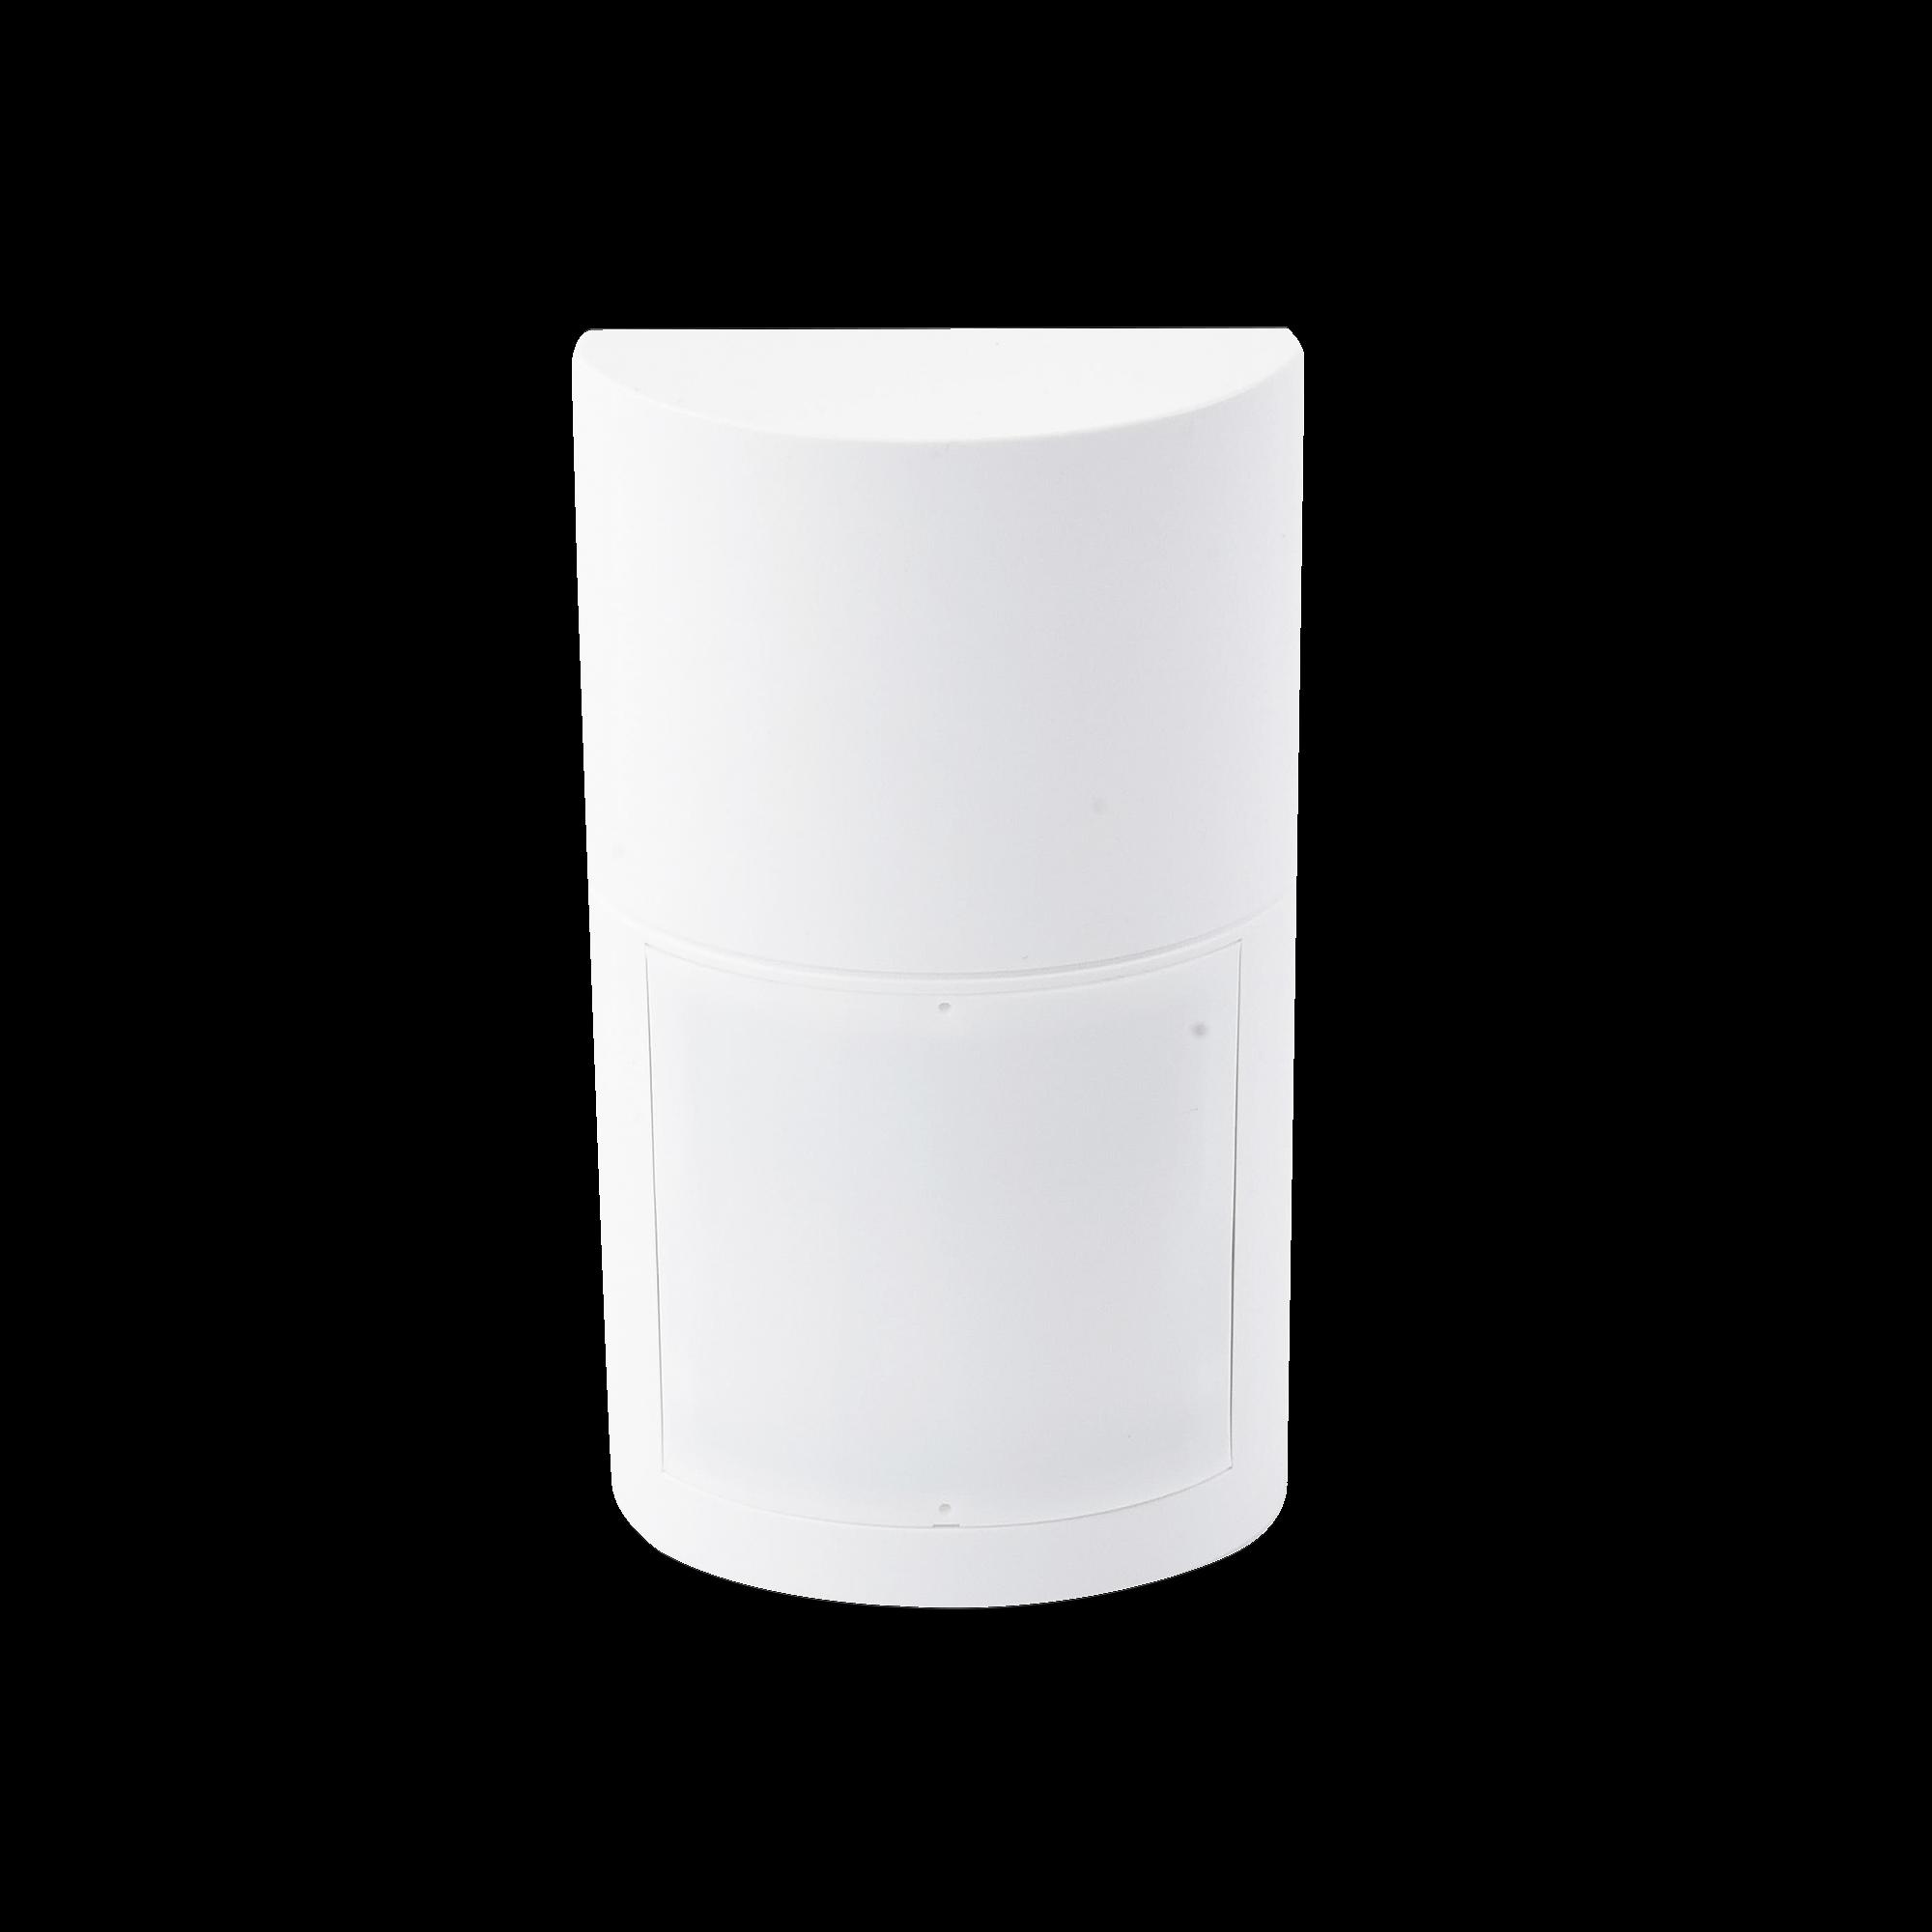 Detector de Movimiento Pasivo / Altura de montaje 0.8m a 2.7 m  ajustable / Estándar Cableado / 100% Exterior / Compatible con cualquier panel de alarma